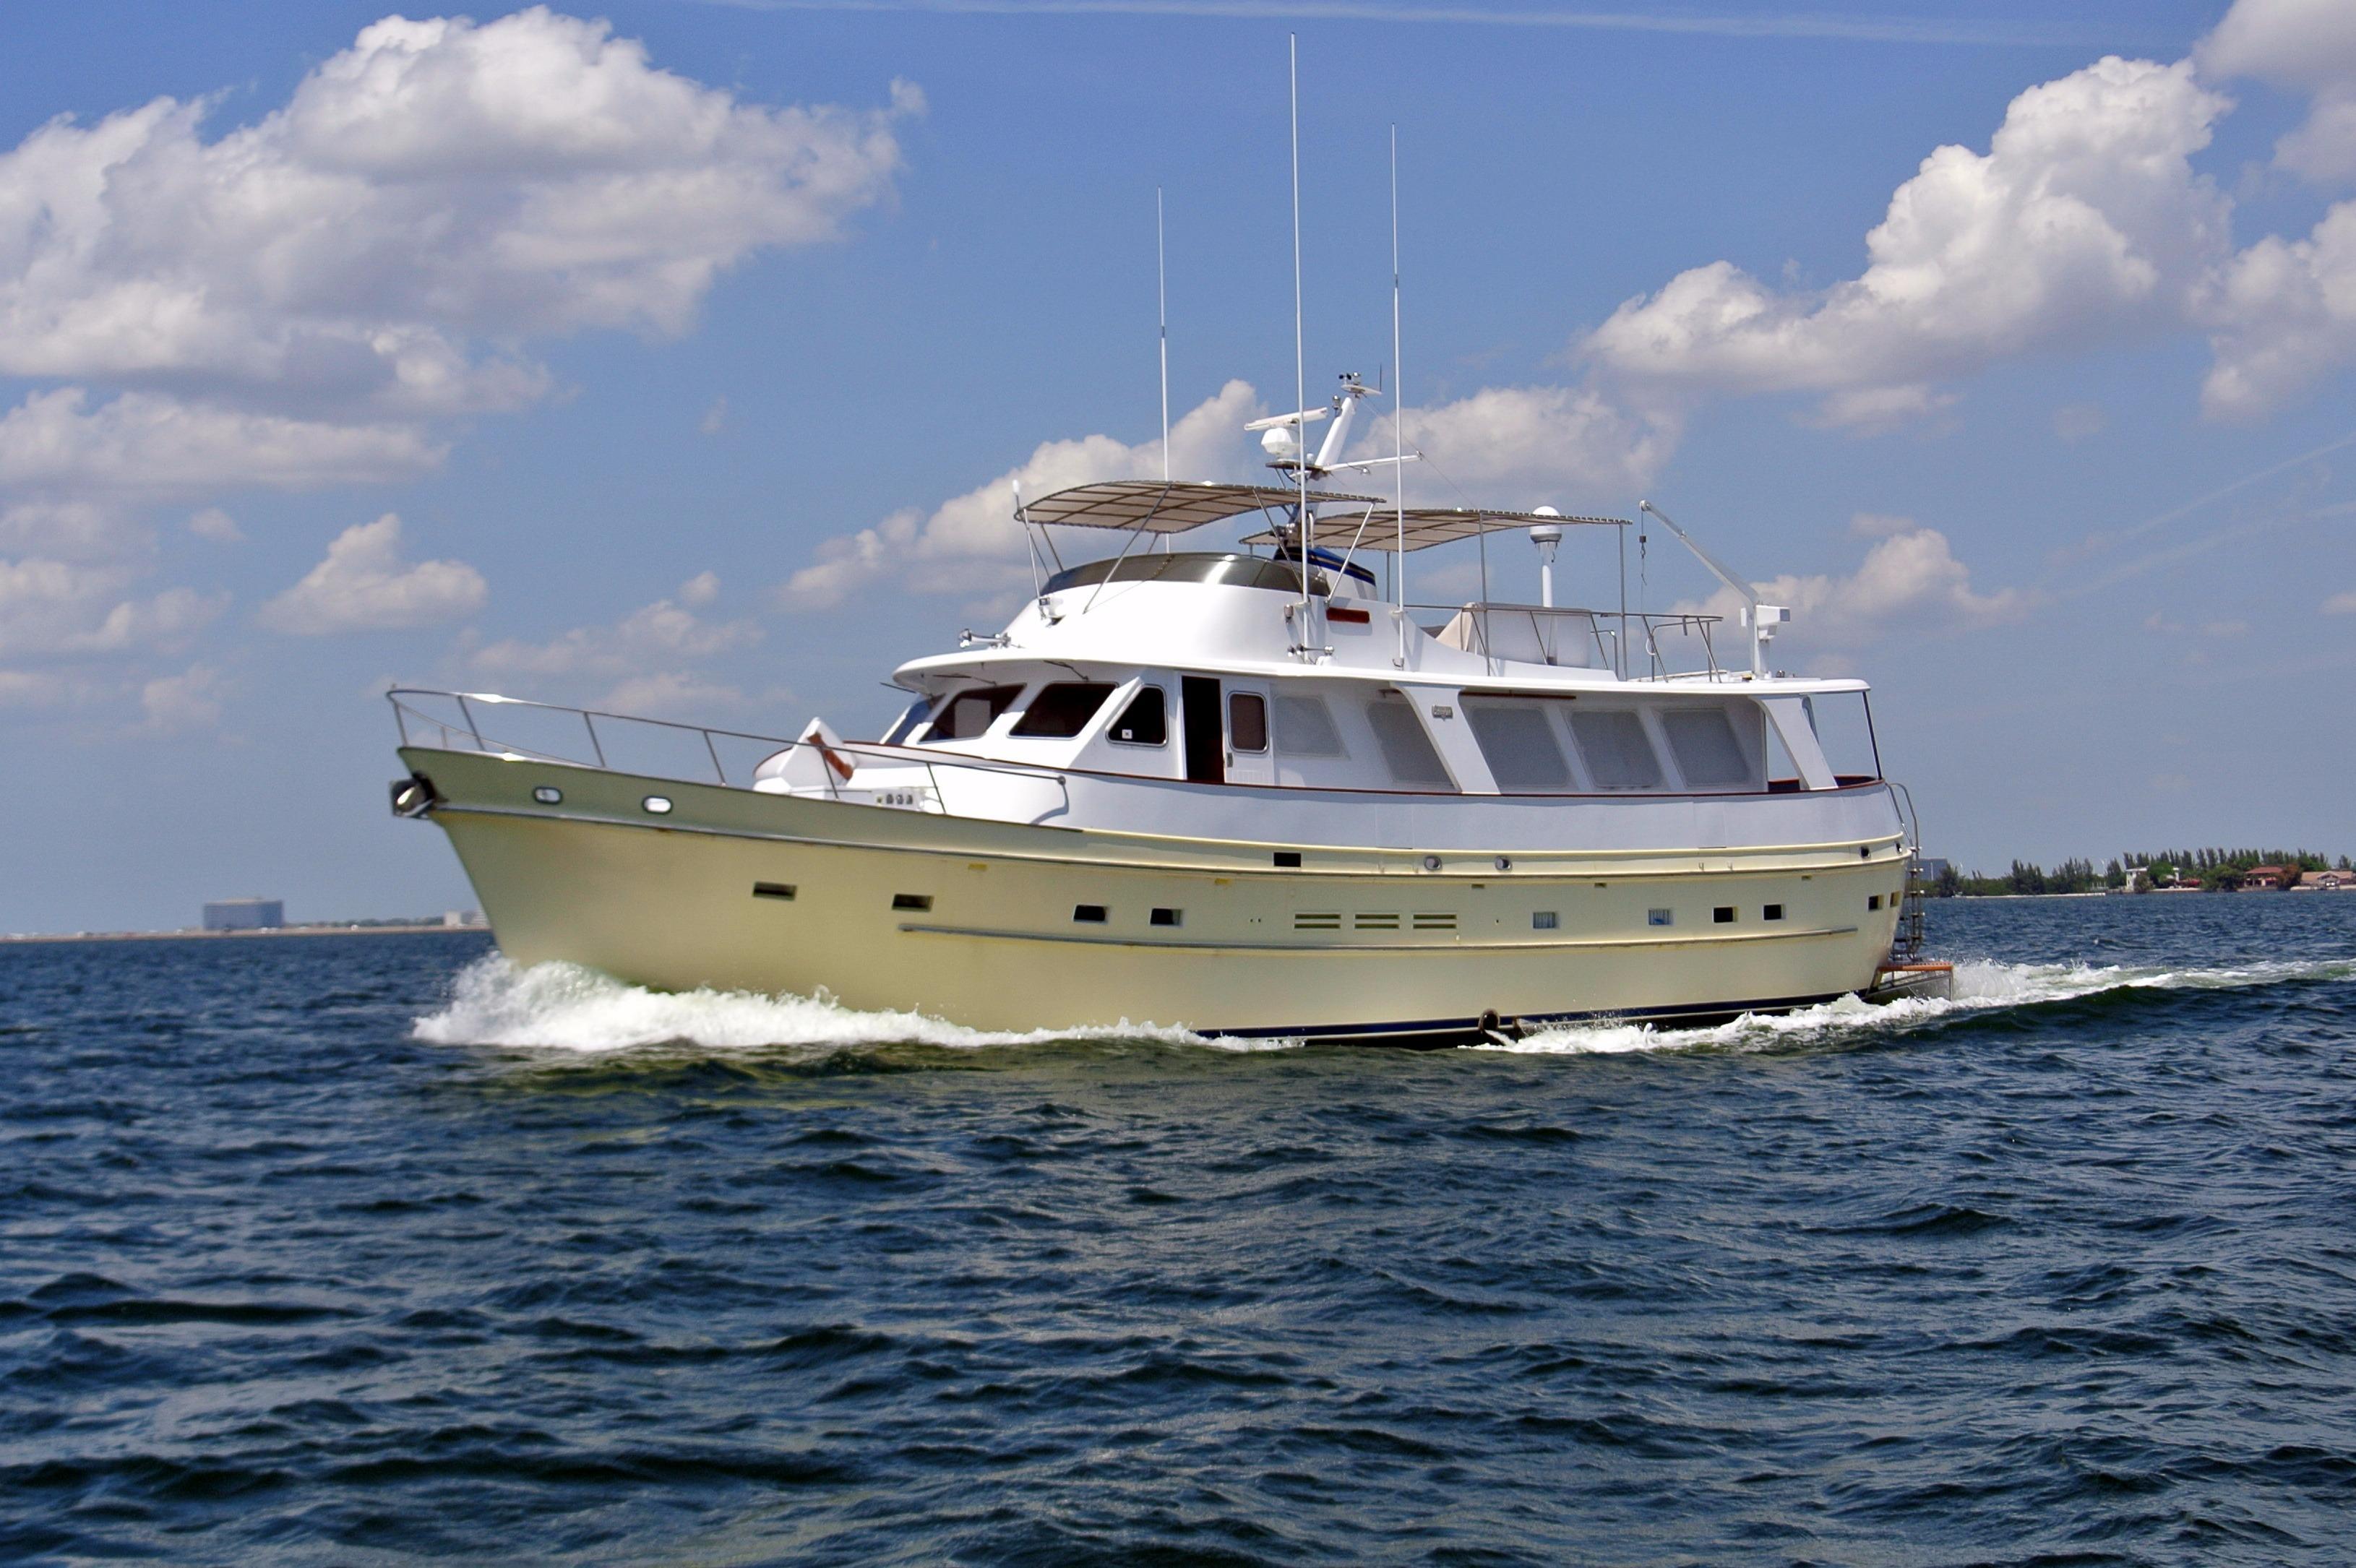 1986 Cheoy Lee 66 Long Range Cruiser Power Boat For Sale